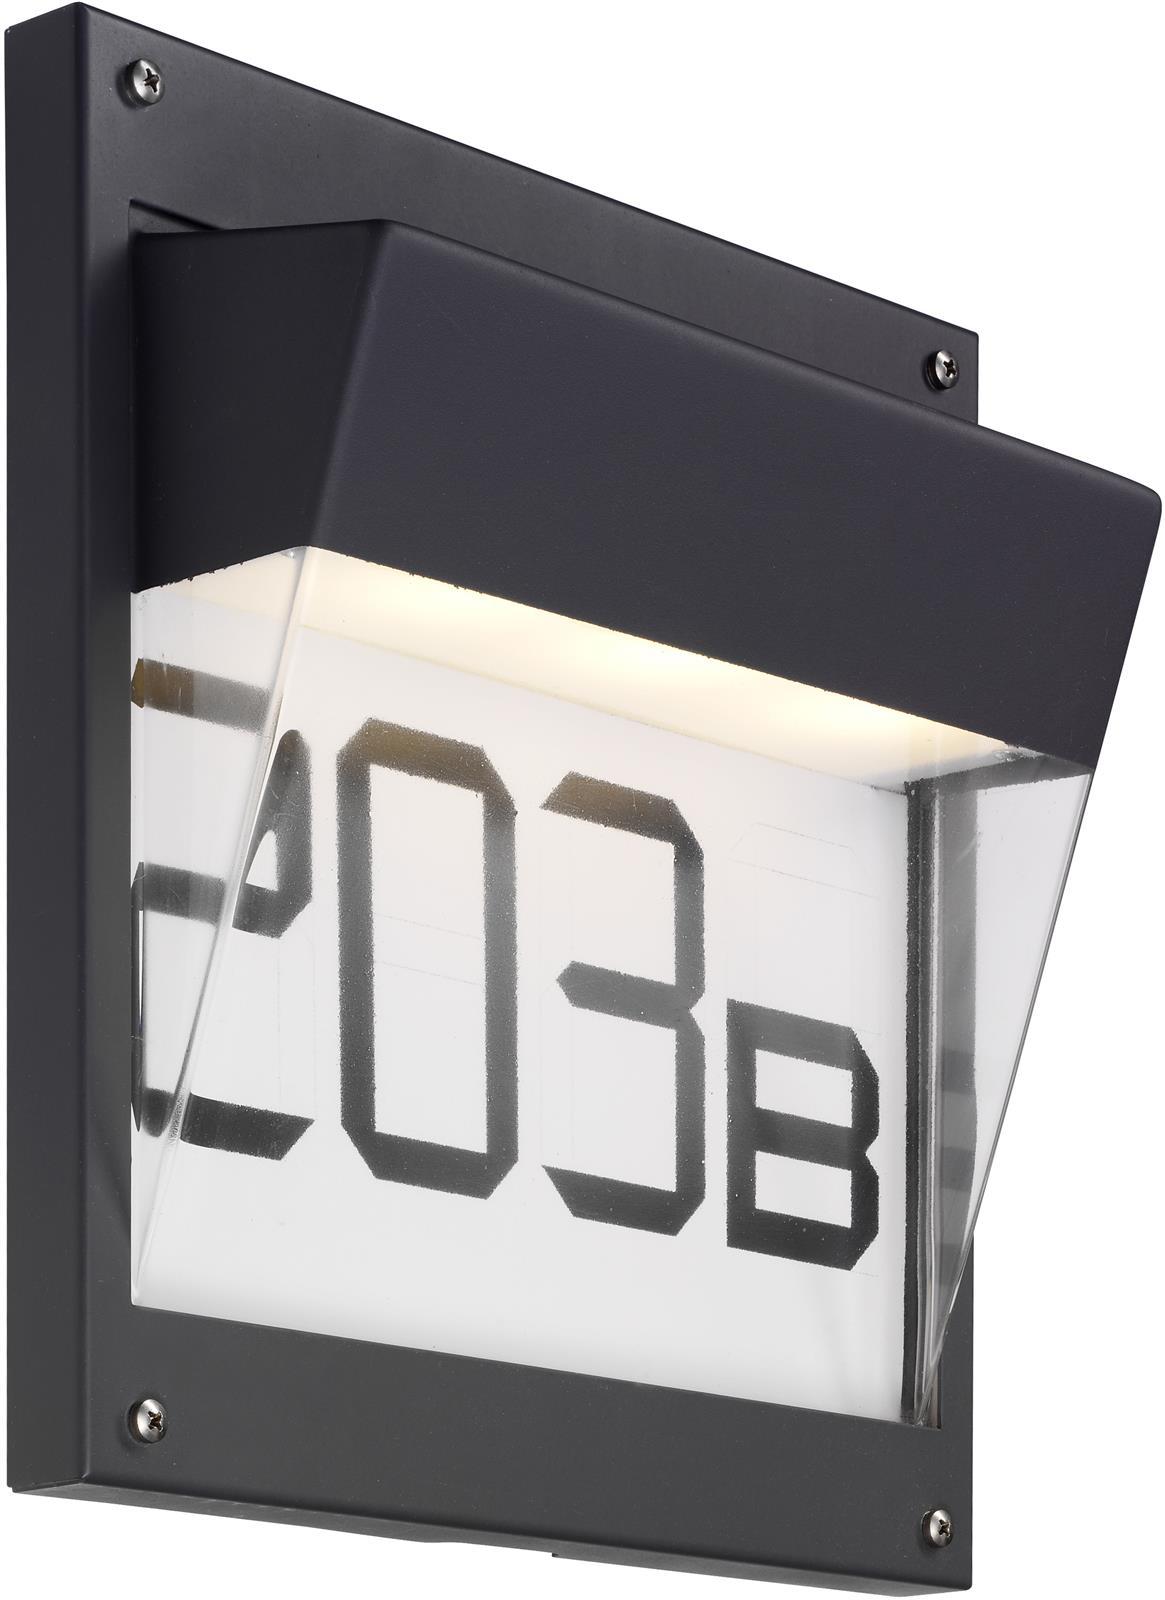 Wi-LED Nummerbelysning